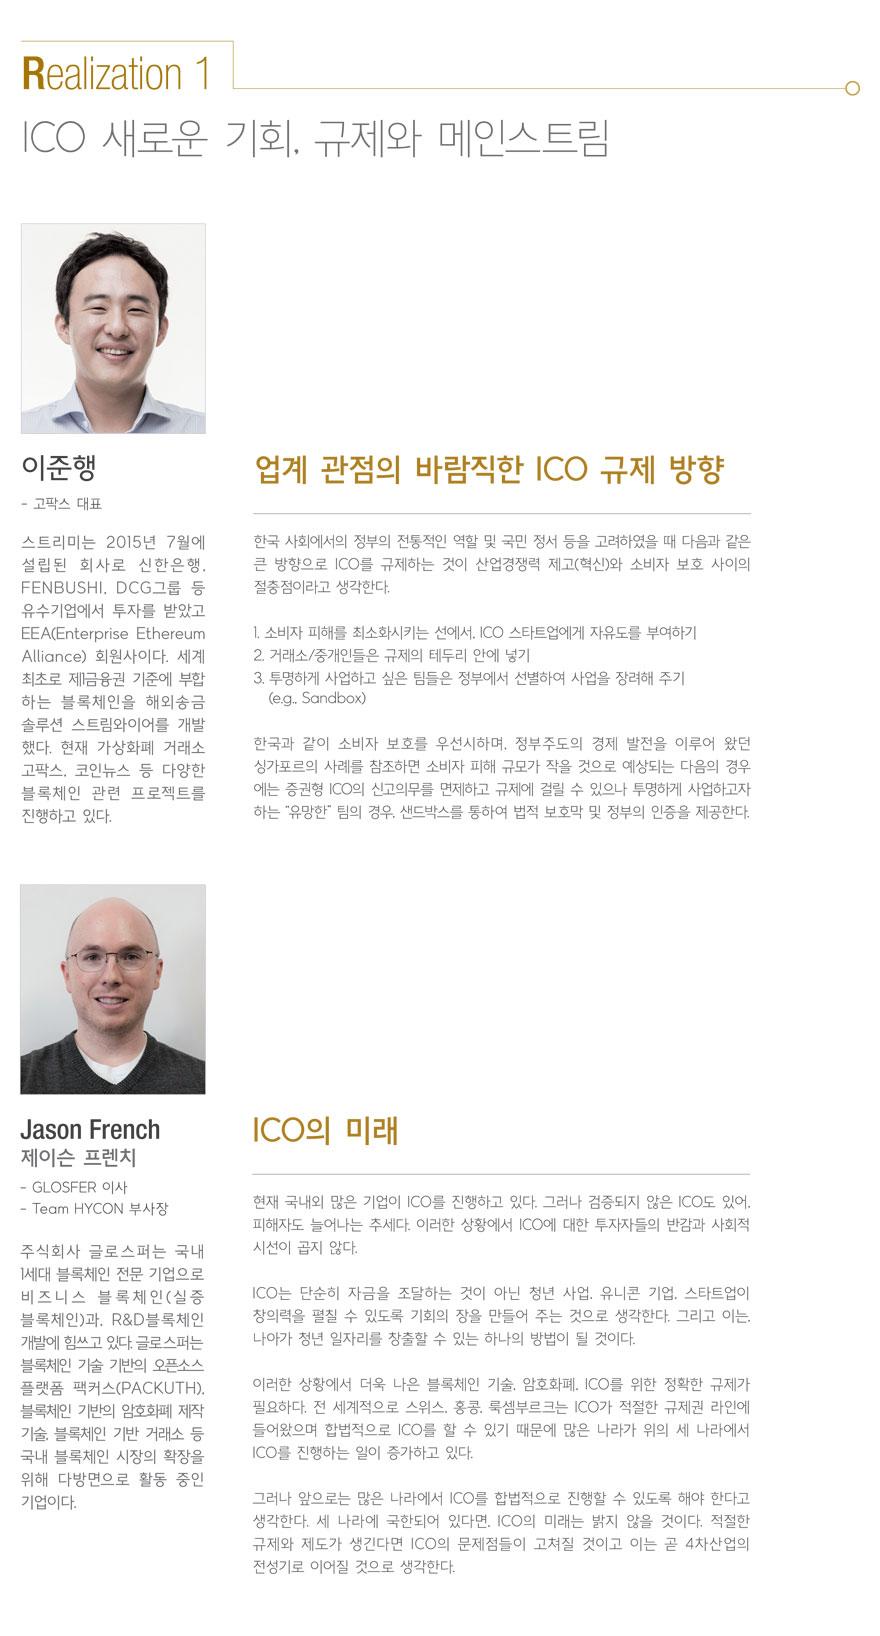 Realization1:ICO 새로운 기회, 규제와 메인스트림, 이준행, 제이슨 프렌치